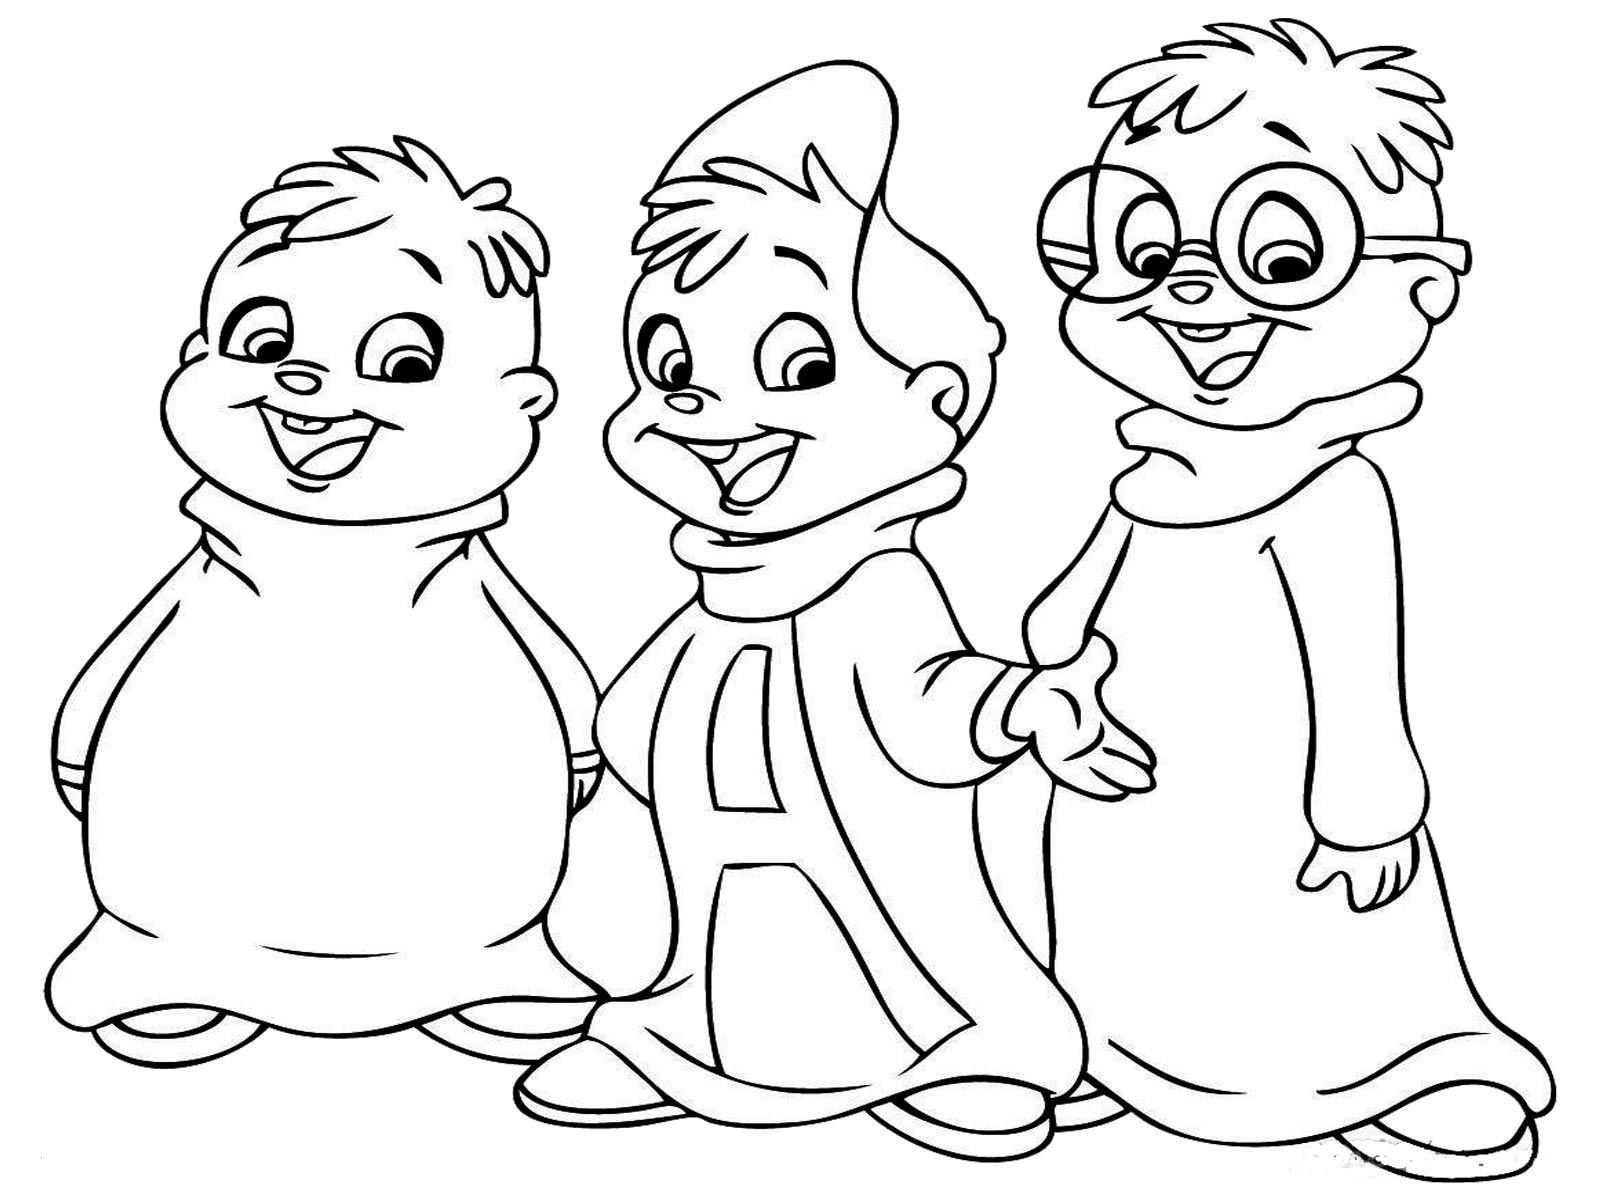 Alvin Und Die Chipmunks Ausmalbilder Frisch 50 Luxus Ausmalbilder Alvin Und Die Chipmunks Beste Malvorlage Das Bild